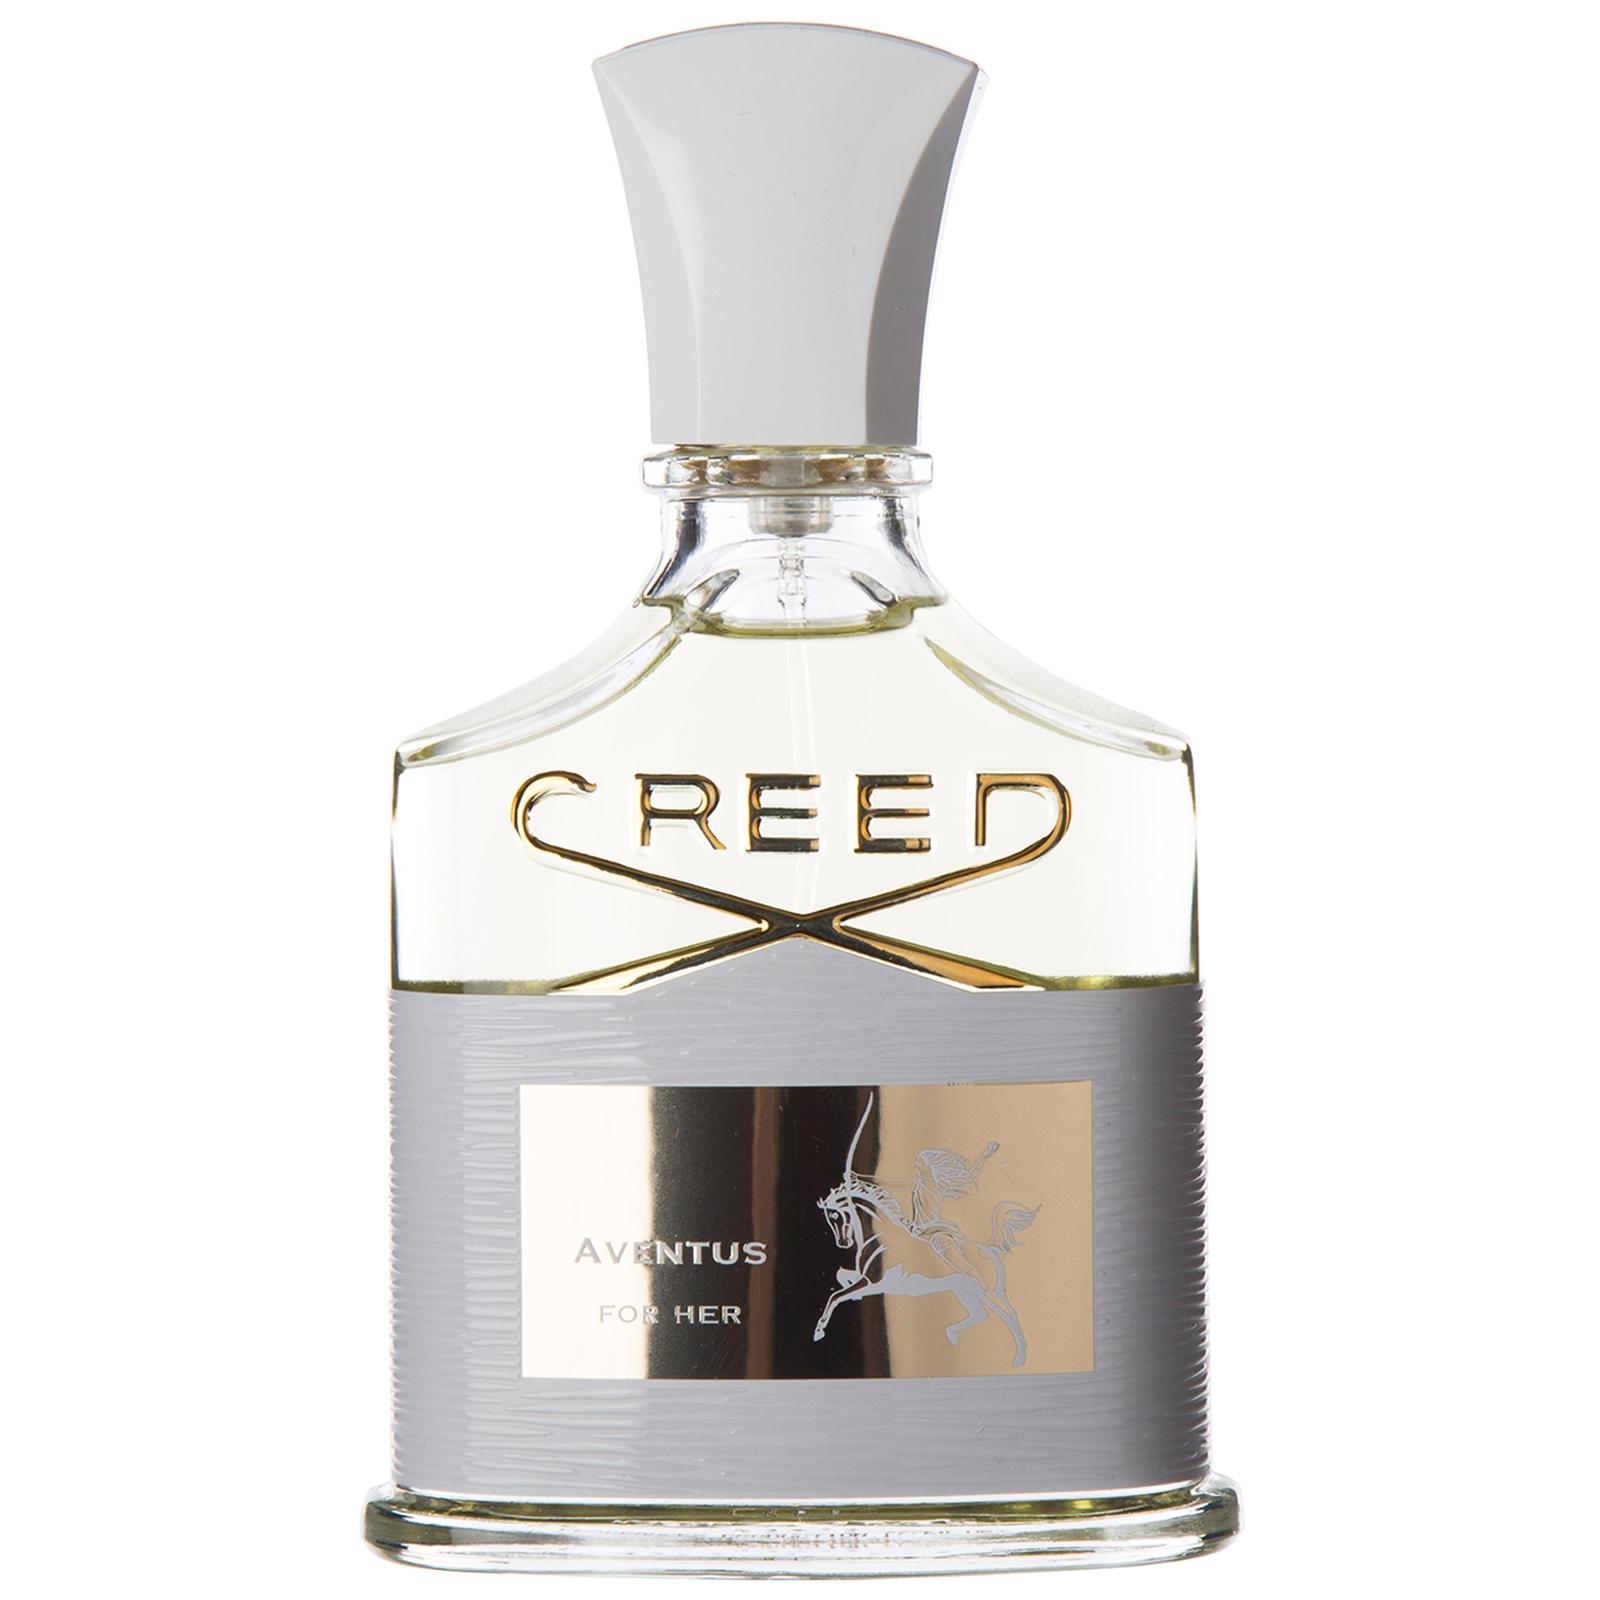 Aventus for her profumo eau de parfum millésime 75 ml